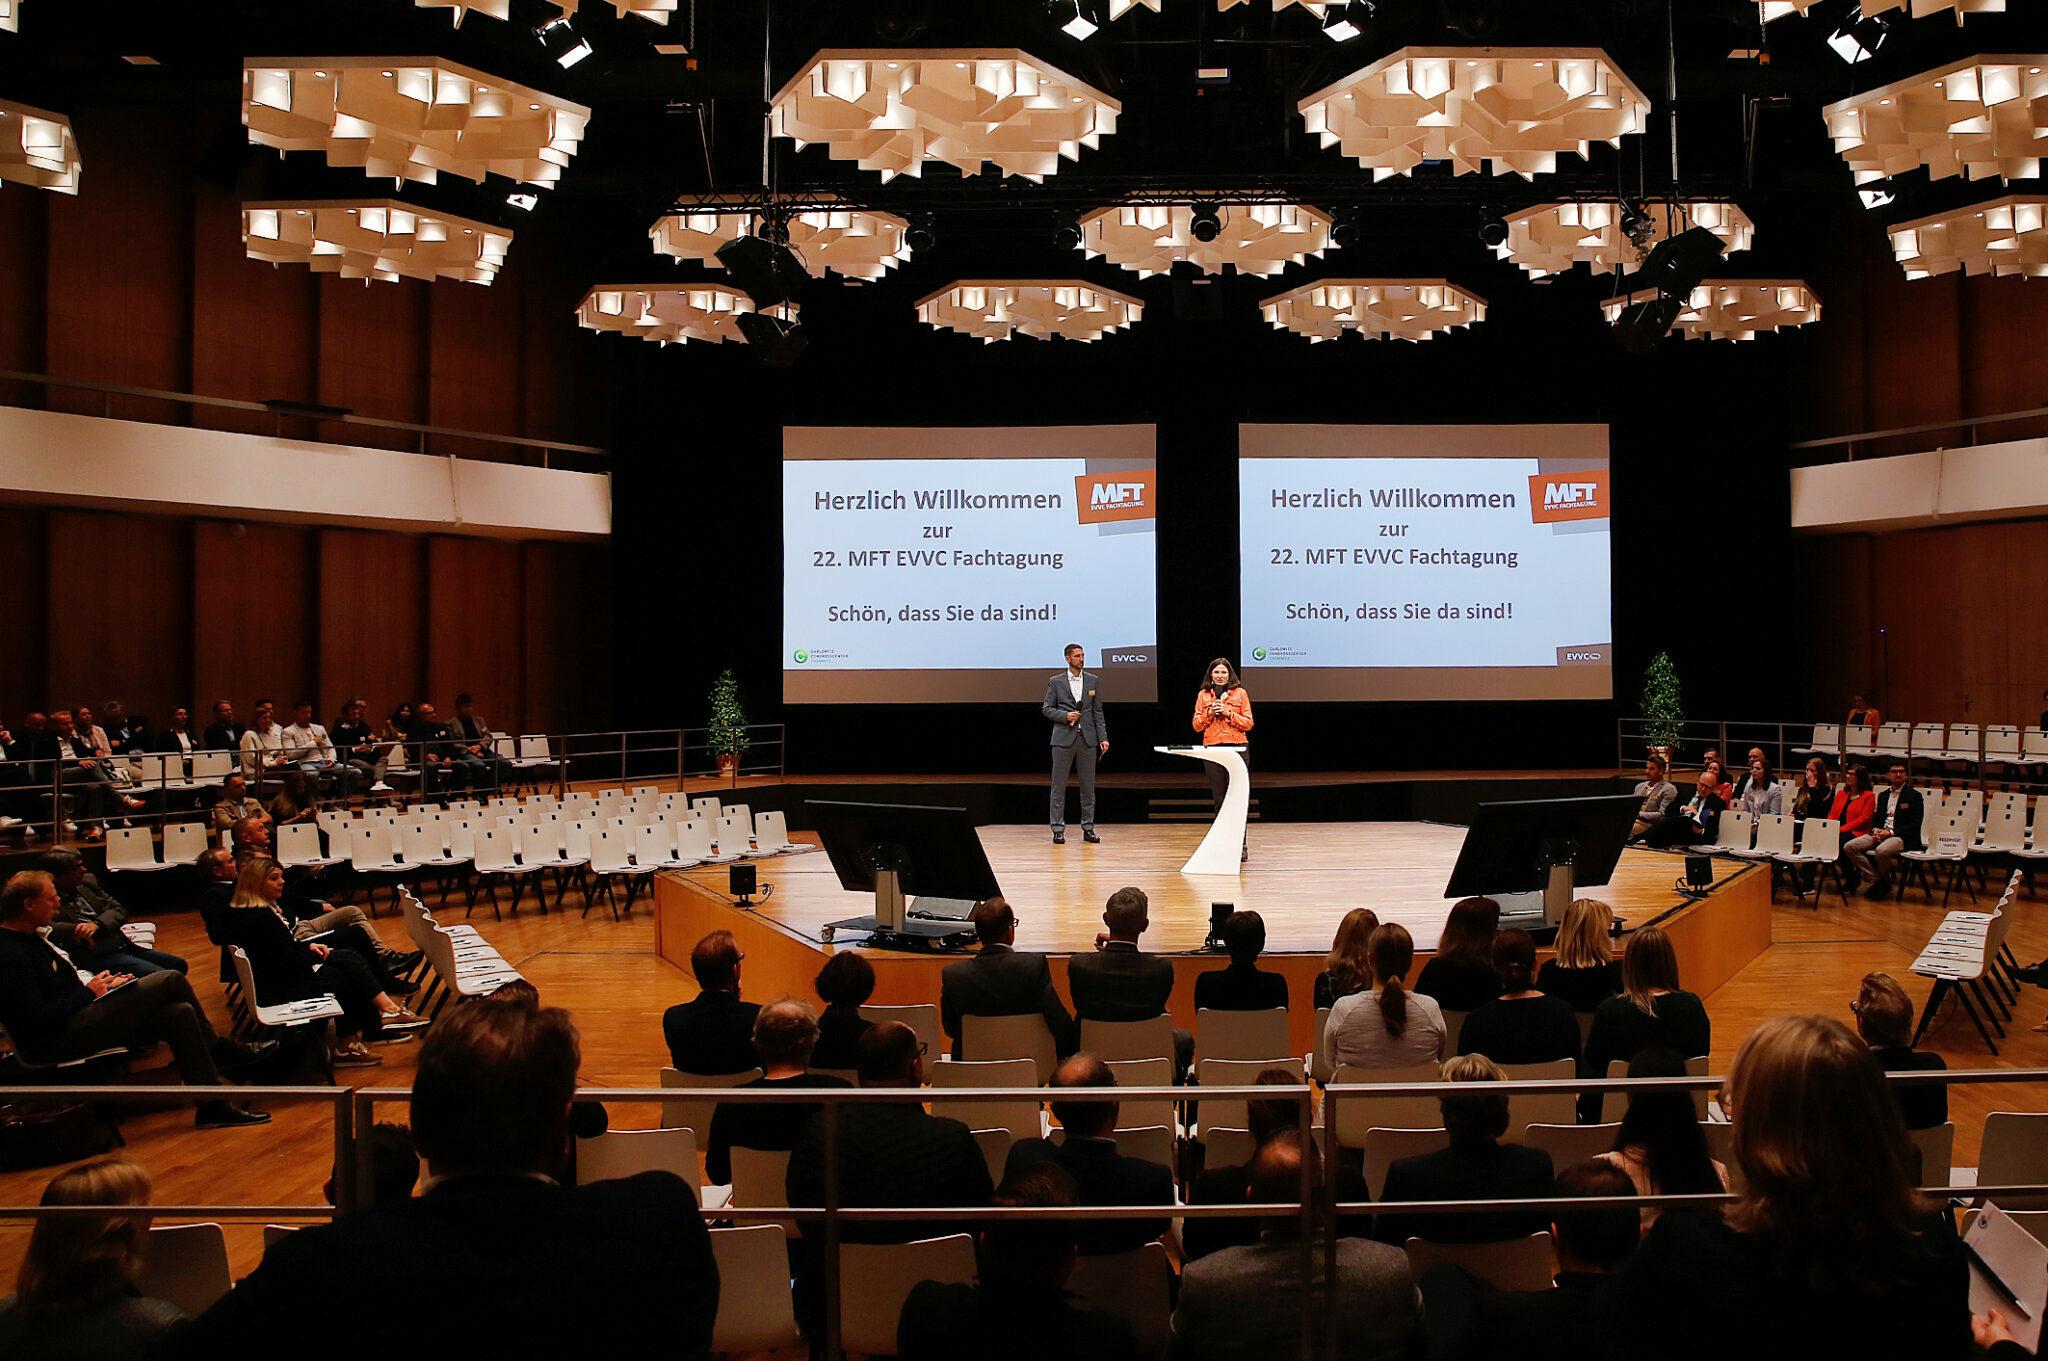 22. EVVC Fachtagung im Carlowitz Congresscenter Chemnitz